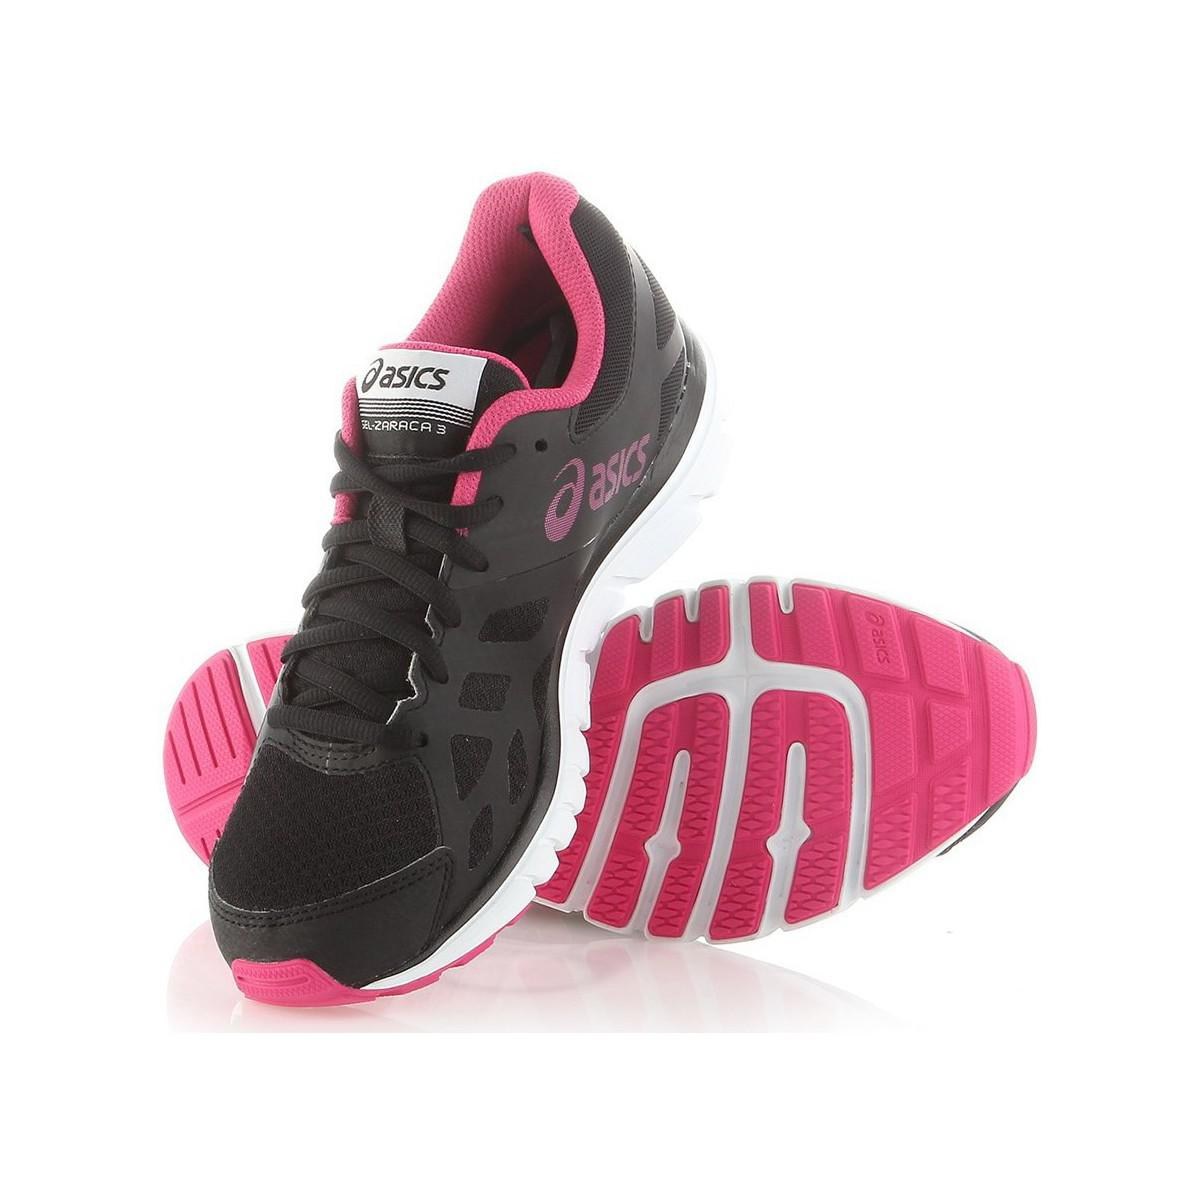 Asics Gel Zaraca pour 3 Chaussures de course pour en femmes 10662 en noir en noir Enregistrer 0b656bd - welovebooks.website